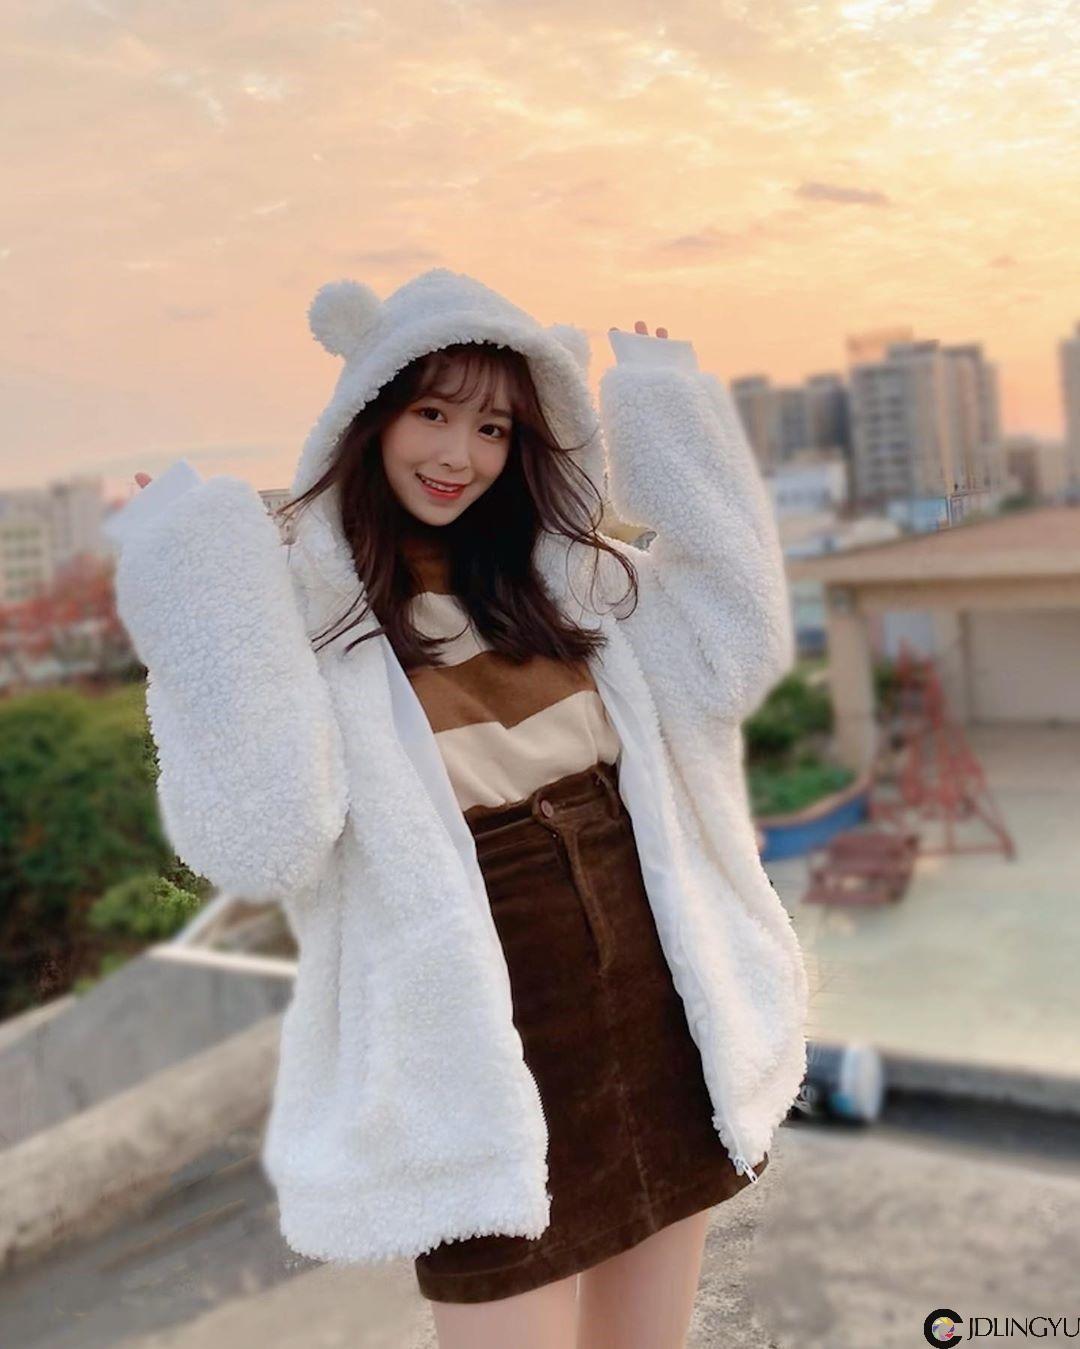 17岁香港萌妹「Coco Wang」甜力笑容太梦幻,不经意的性感美秒速圈粉!